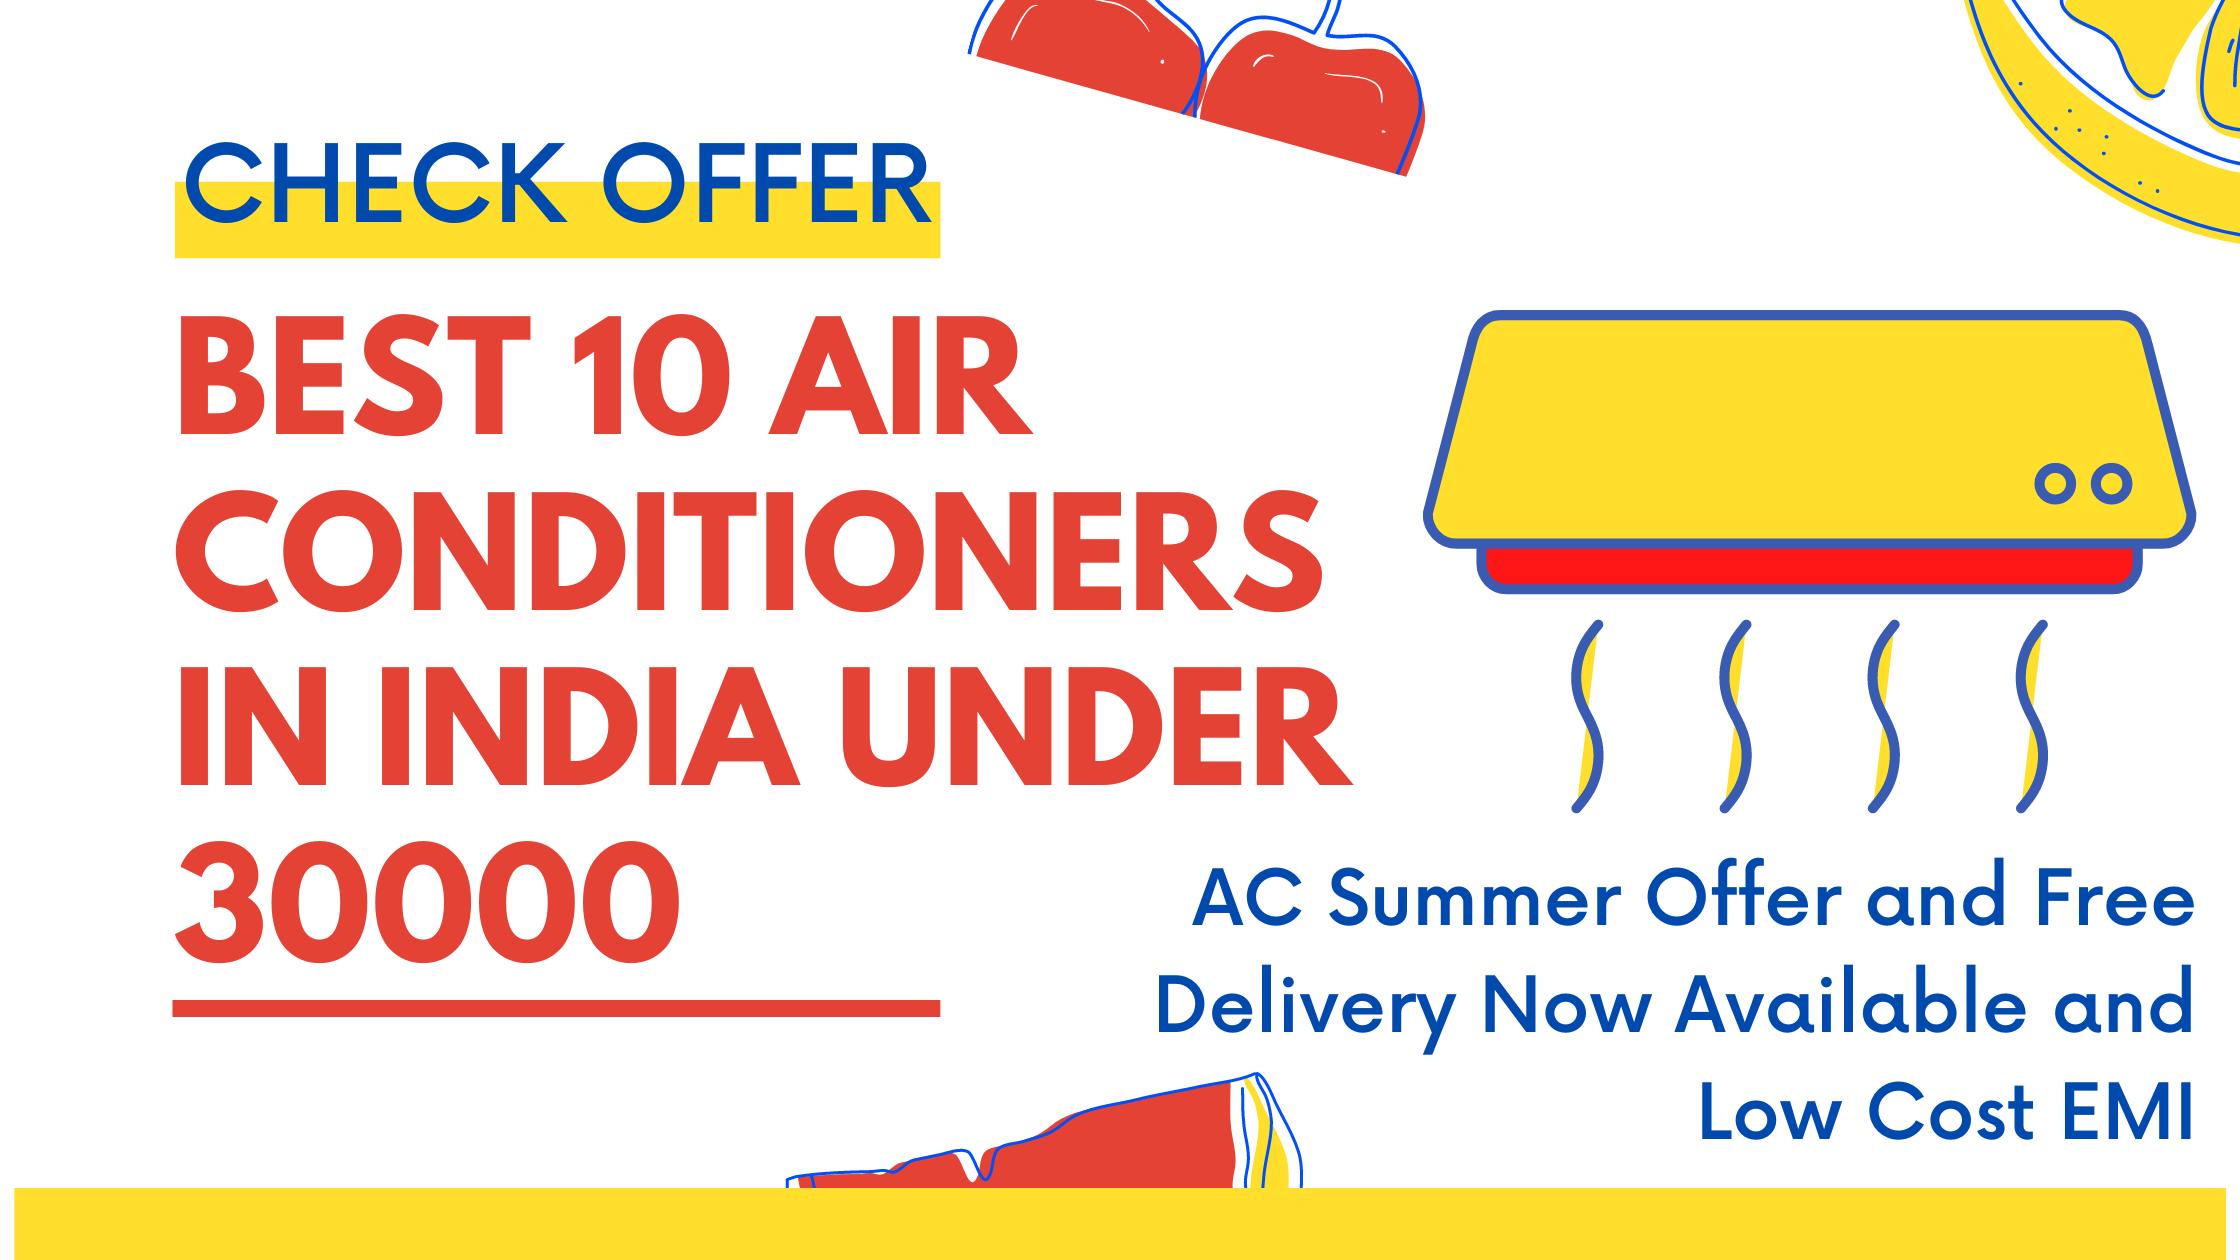 Best AC brand in India under 30000